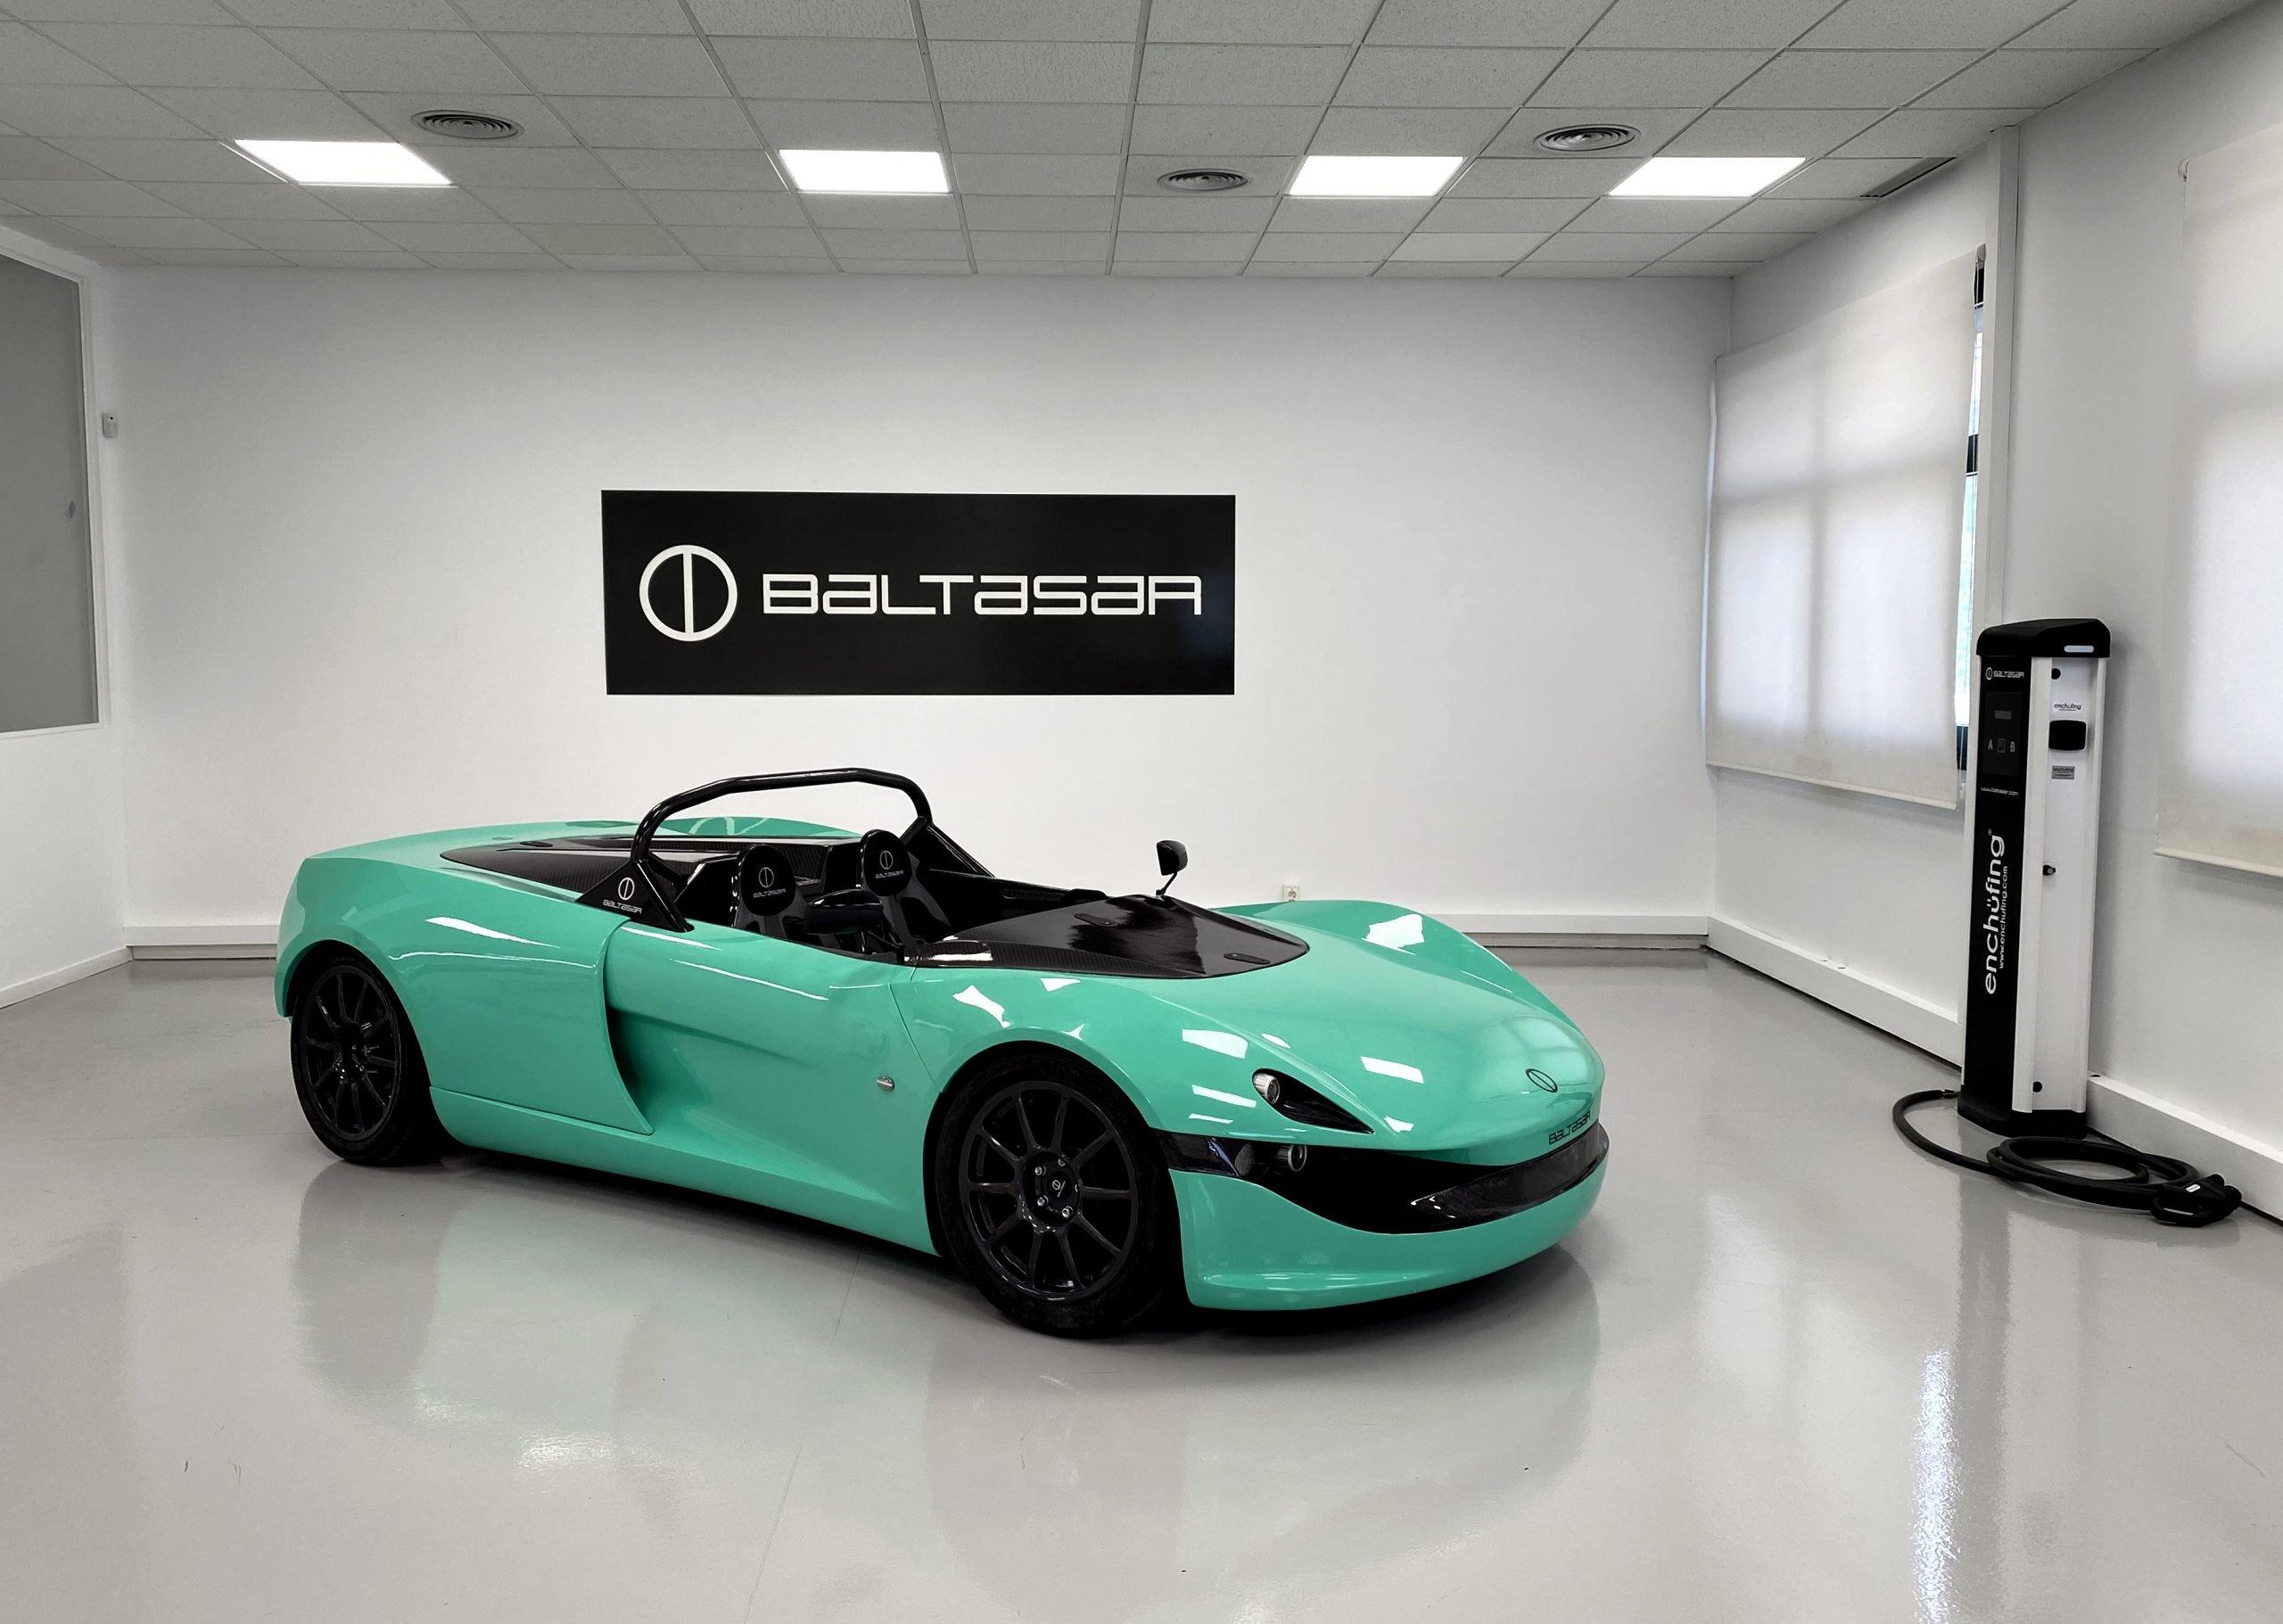 Baltasar Revolt An Electric Super Sports Car